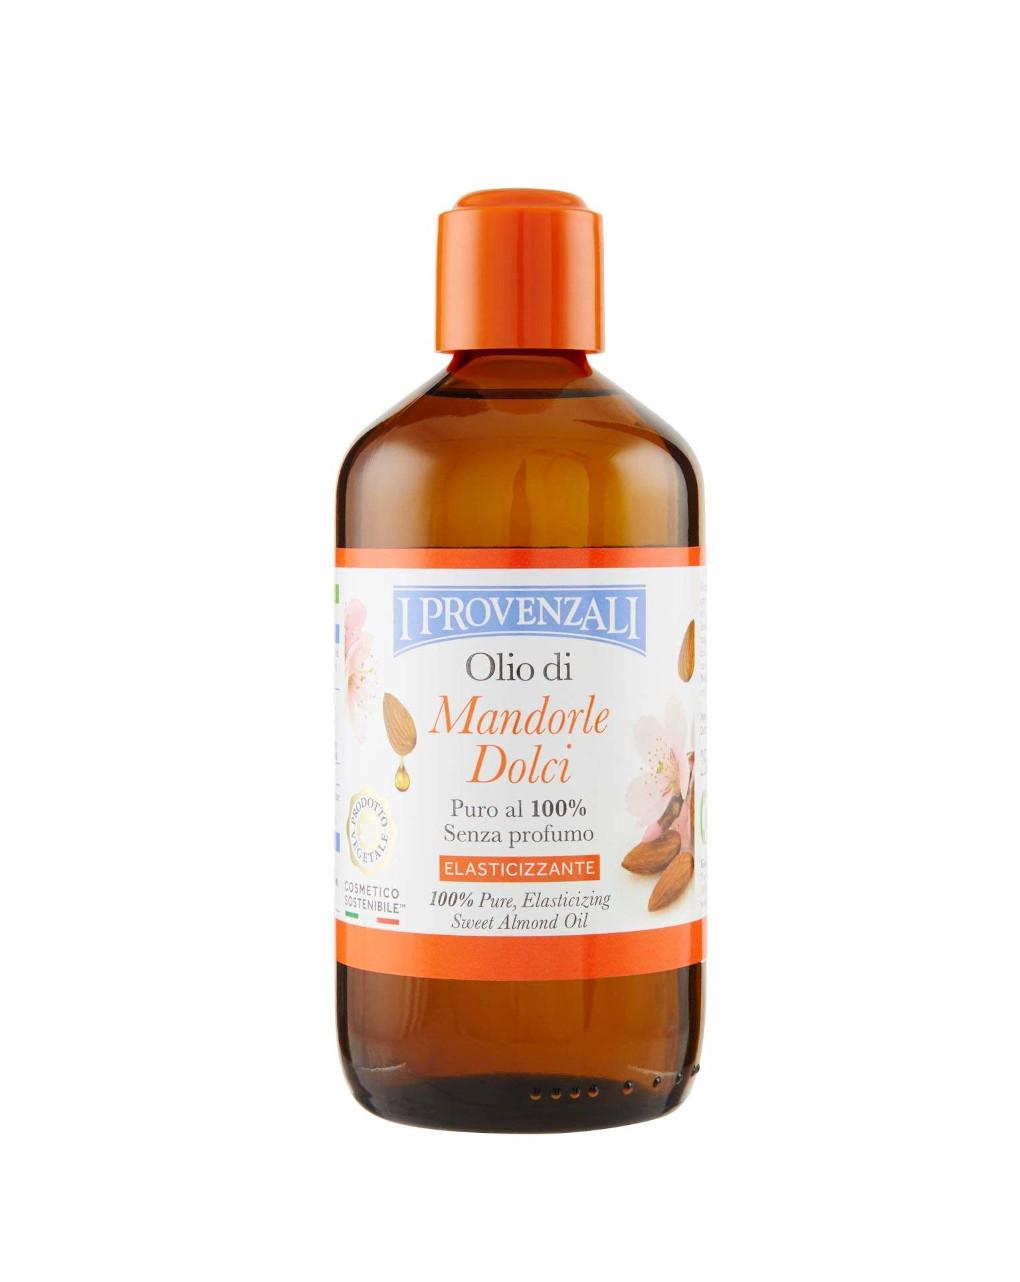 Olio di mandorle dolci 250 ml - I Provenzali